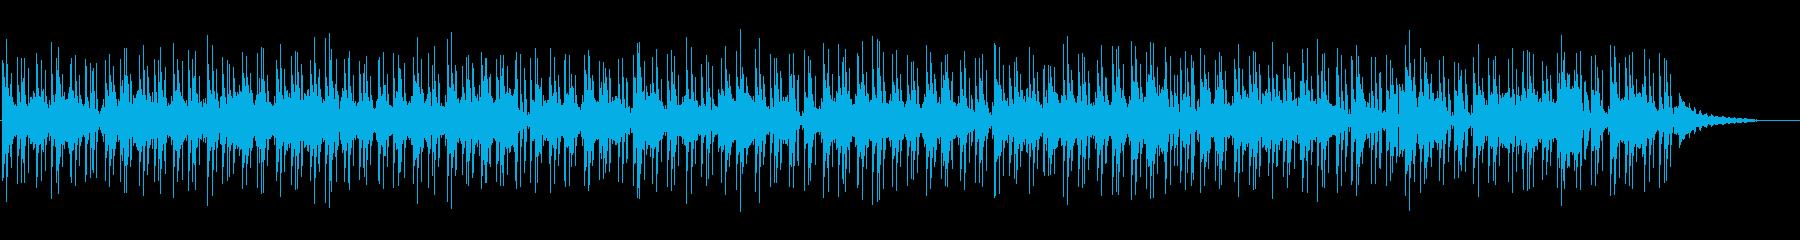 かっこいいチルアウト系R&Bエレピの再生済みの波形